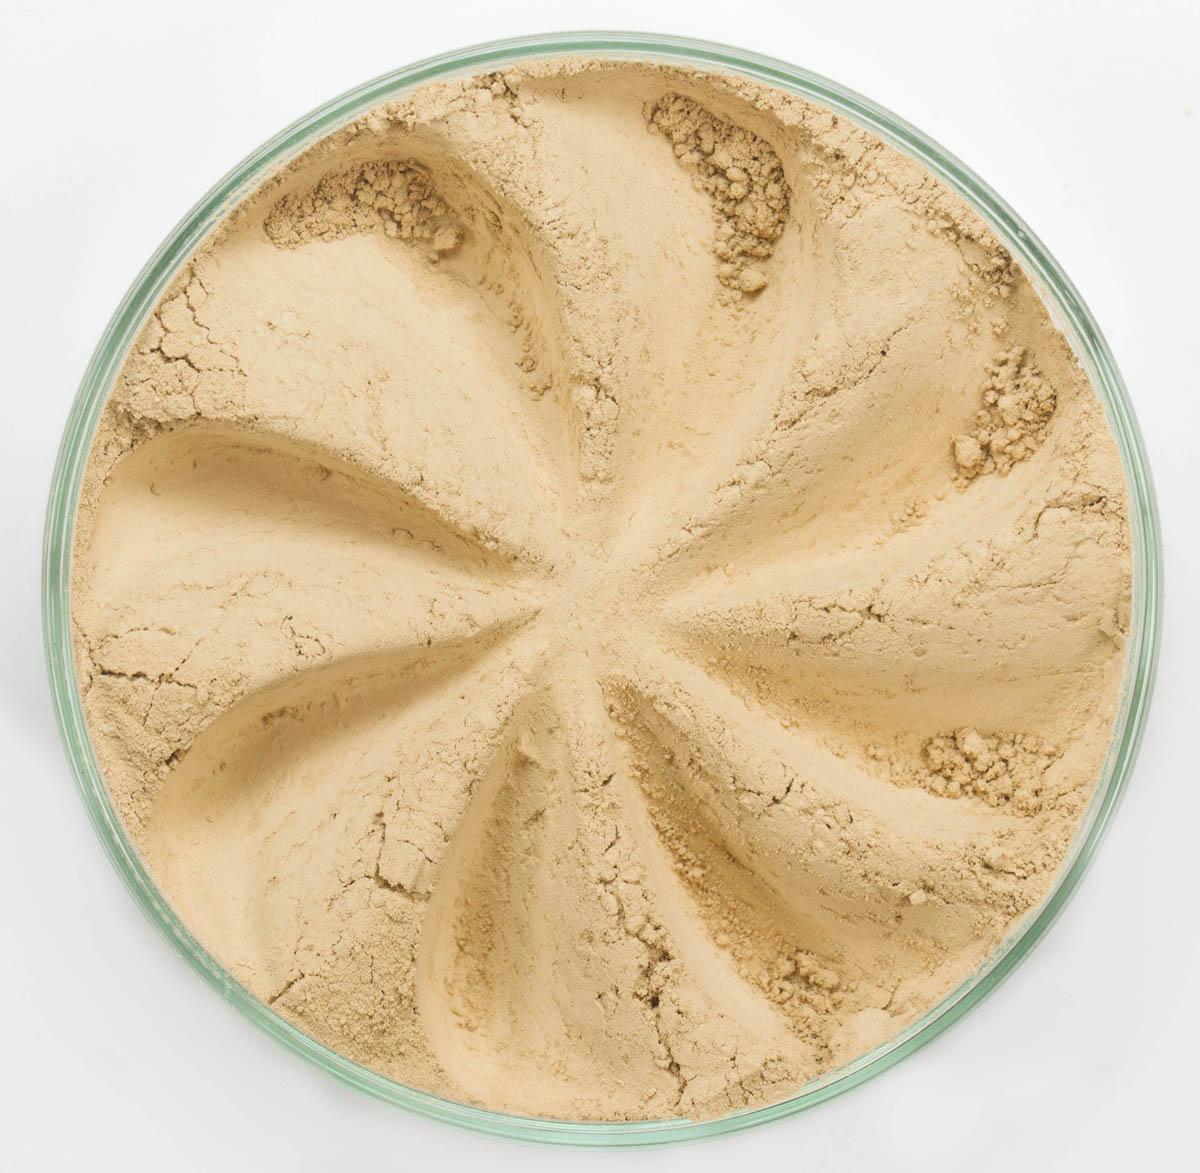 Era Minerals Минеральная Тональная основа Velvet тон 244, 16,5 млFN244Основа Velvet подходит для нормальной и склонной к сухости кожи, обеспечивает легкое или умеренное покрытие с матирующим эффектом. Без отдушек и масел, для всех типов кожи Водостойкое, долгосрочное покрытие Широкий спектр фильтров UVB/UVA, протестированных при SPF 30+ Некомедогенно, не блокирует поры Дерматологически протестировано, не аллергенно Антибактериальные ингредиенты, помогает успокоить раздраженную кожу Состоит из неактивных минералов, не способствует развитию бактерий Не тестировано на животных Вес нетто 7г (стандартный размер)